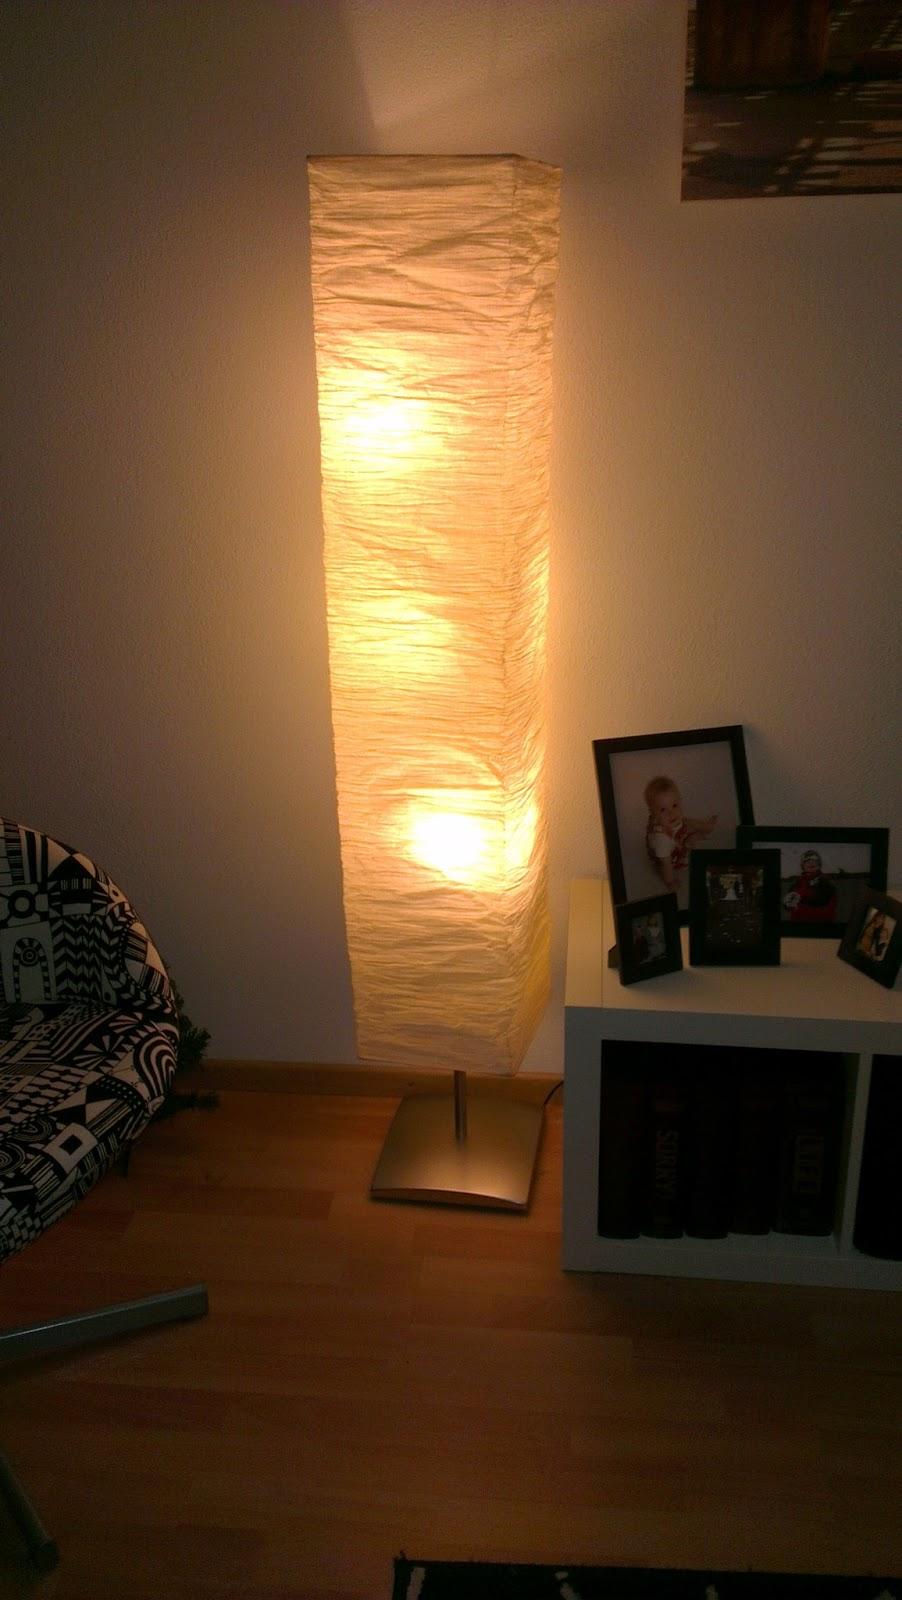 Raumteiler Schiebetür Ikea Regal ~ Ace the Adventure IKEA Vrijdag Orgel Vreten Staand Lamp Floor Lamp